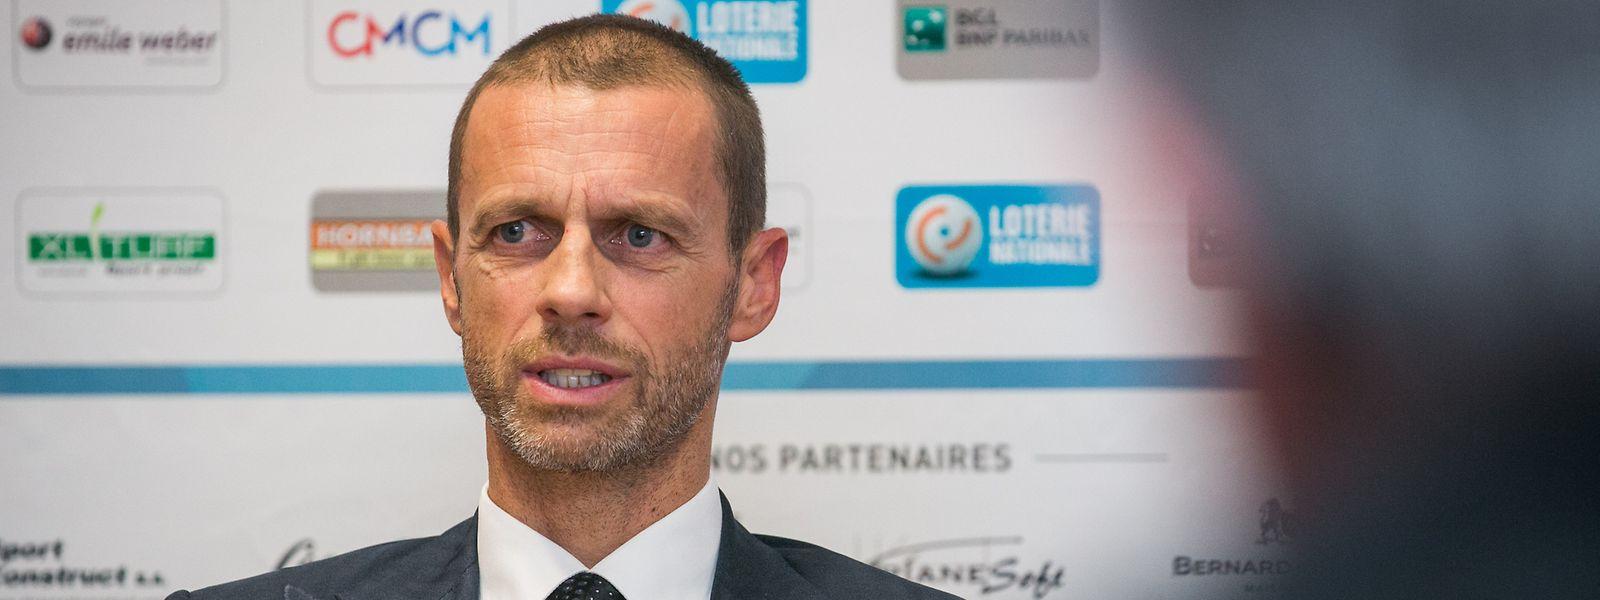 Aleksander Ceferin und die UEFA gehen neue Wege.